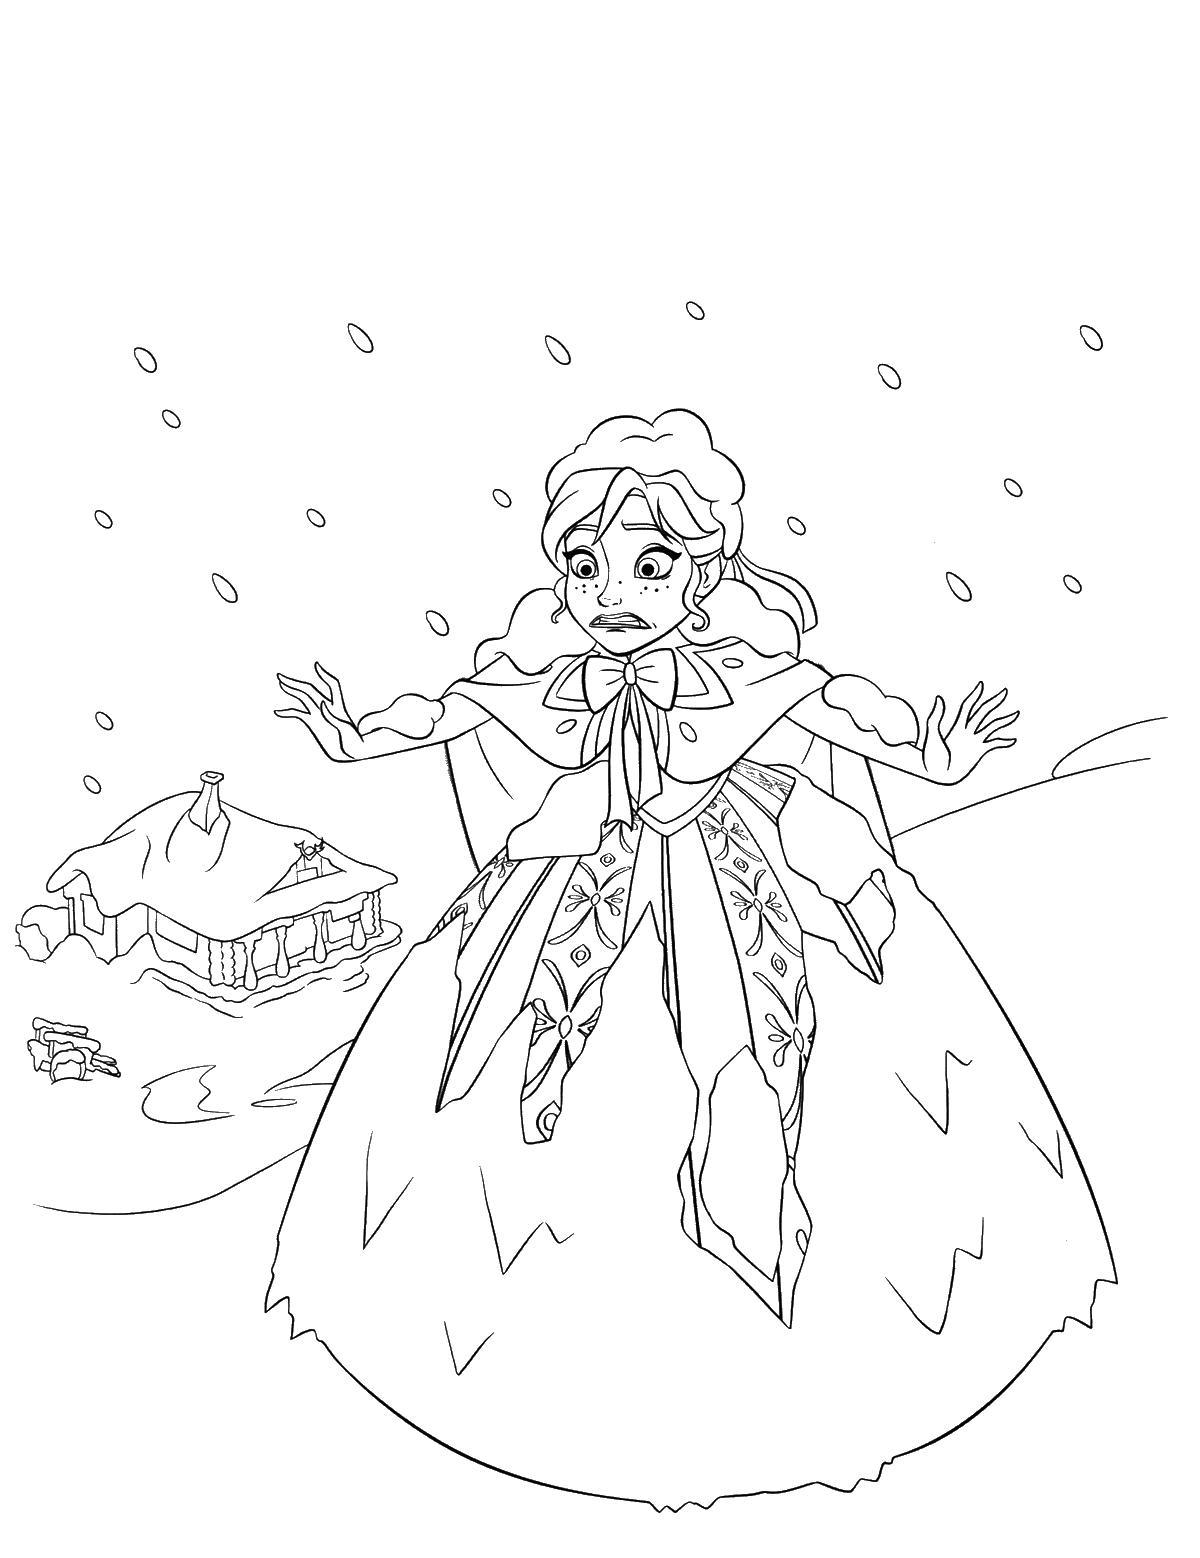 Зима Под снегом Раскраски цветов бесплатноРаскраски для девочек